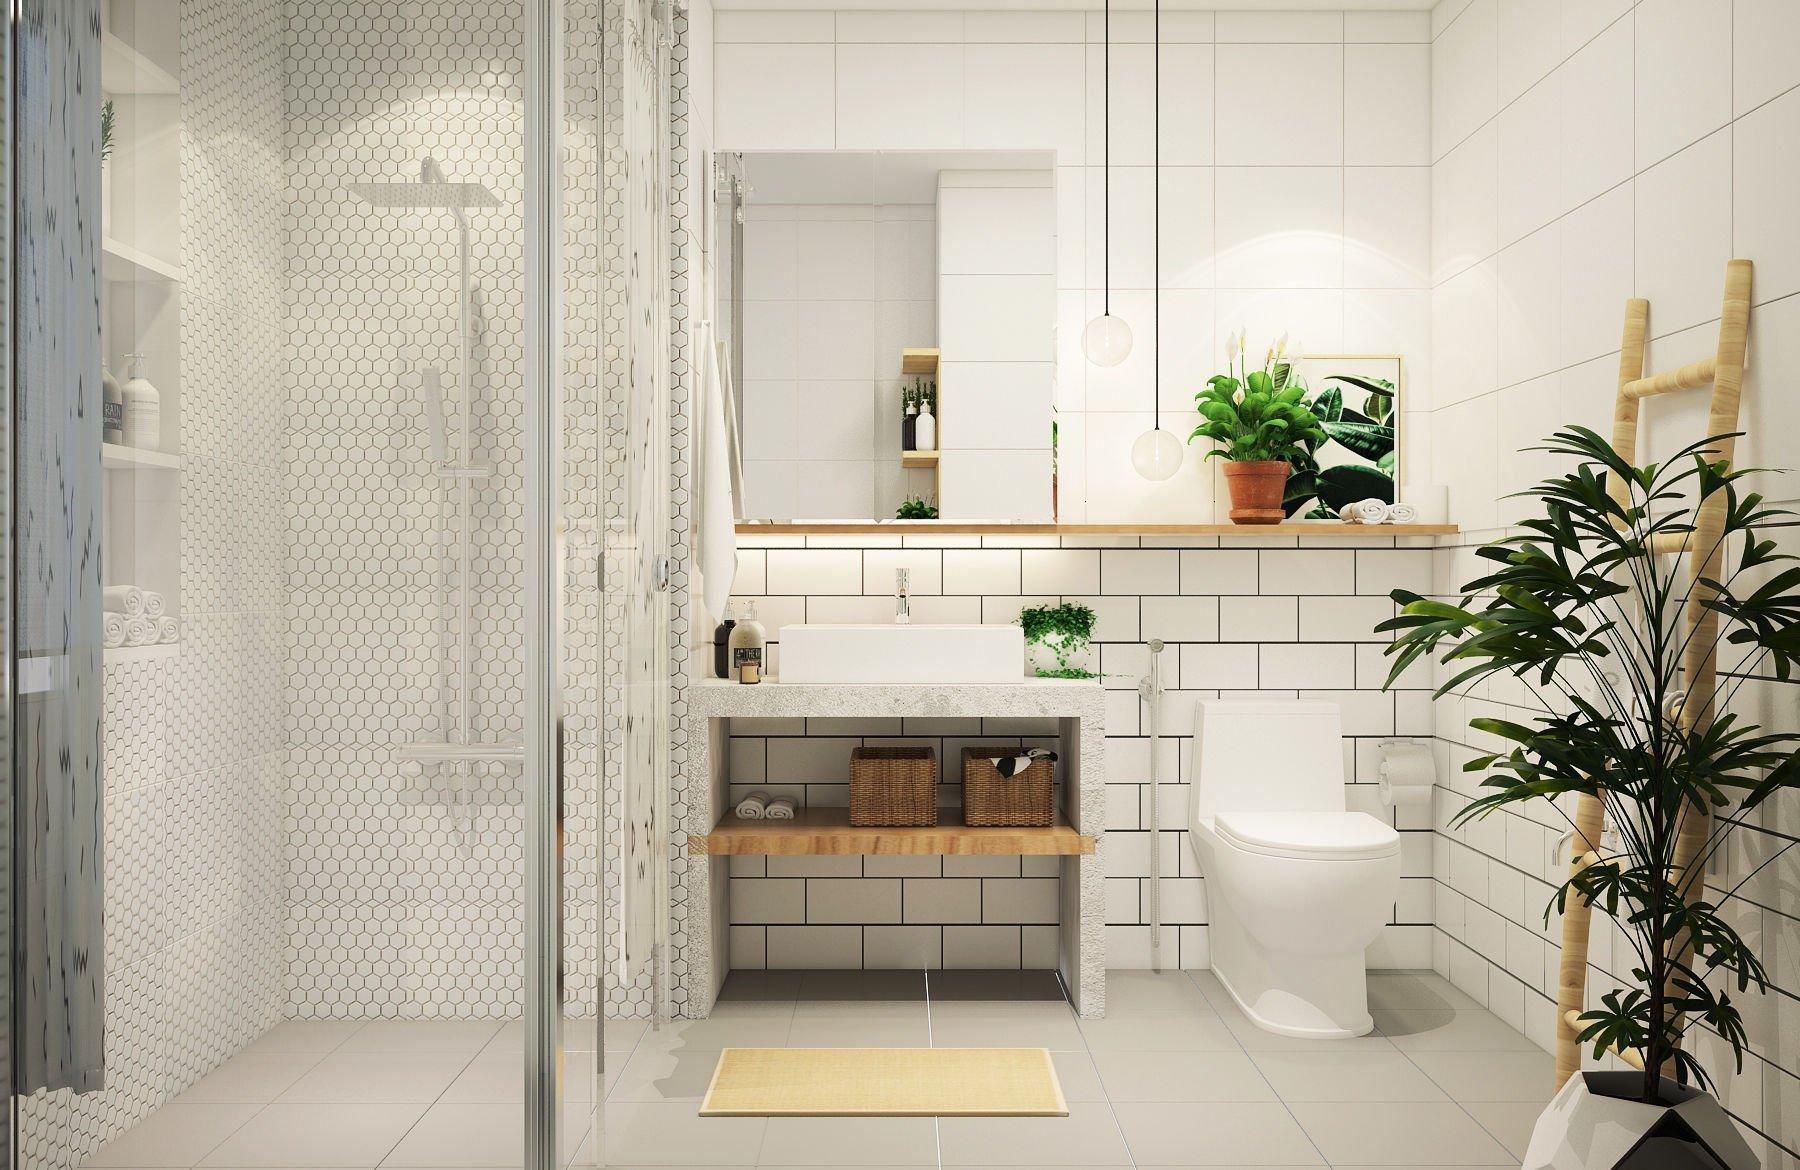 Gia chủ nên bỏ qua kính mờ đắt đỏ hoặc rèm vải dễ ẩm mốc, gây phiền toái bằng việc tận dụng hốc tường trong công trình kiến trúc